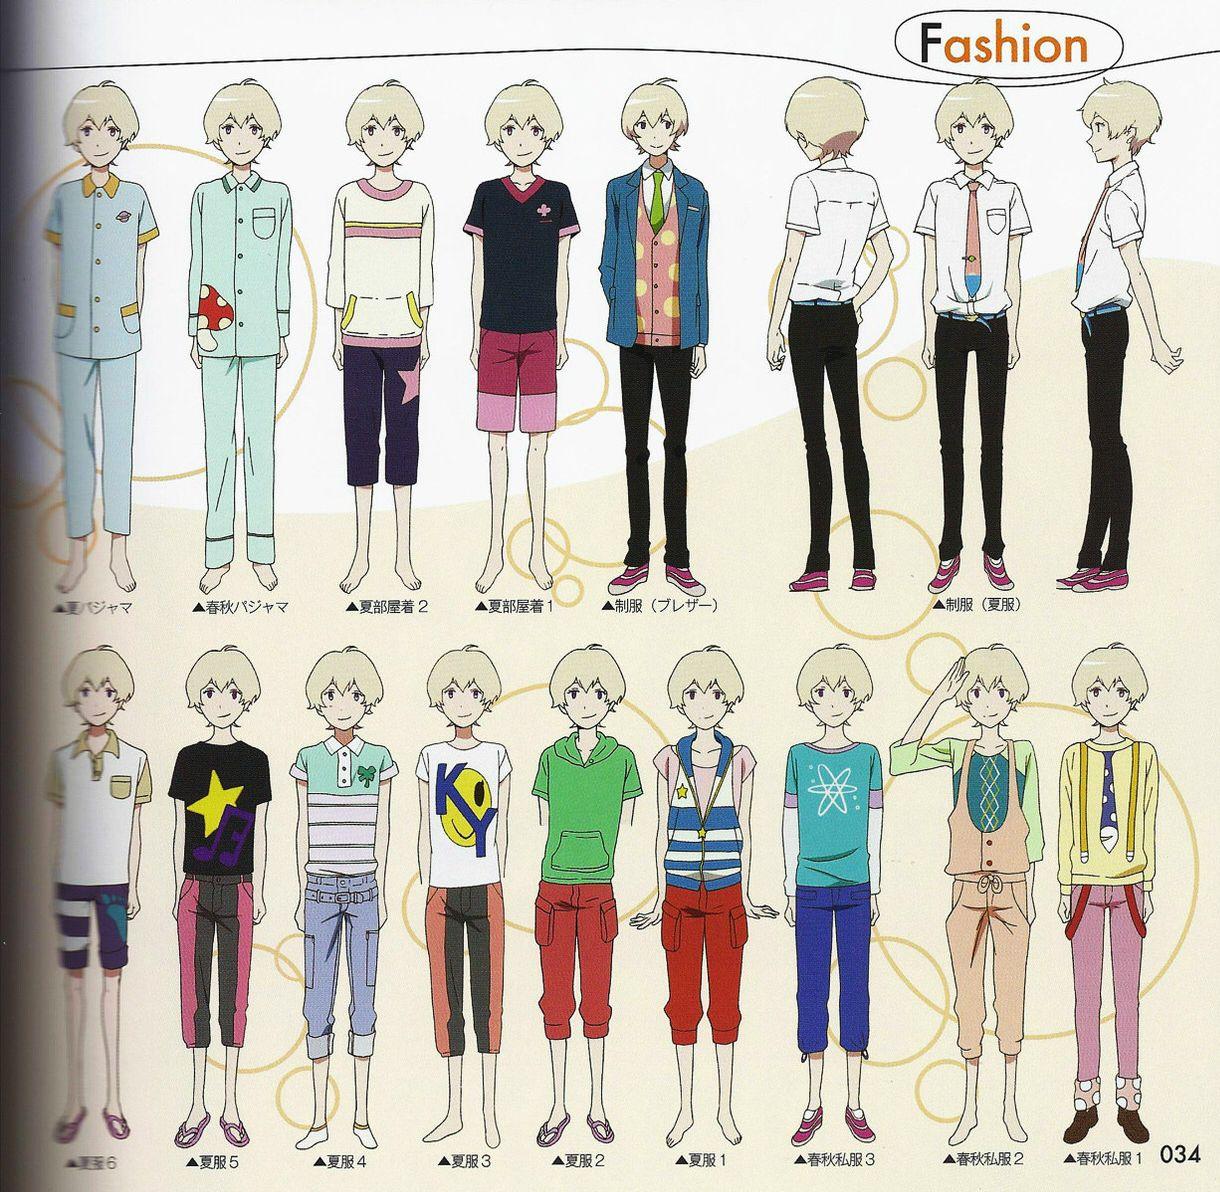 Imagen relacionada Dibujar ropa animé, Ropa para dibujar